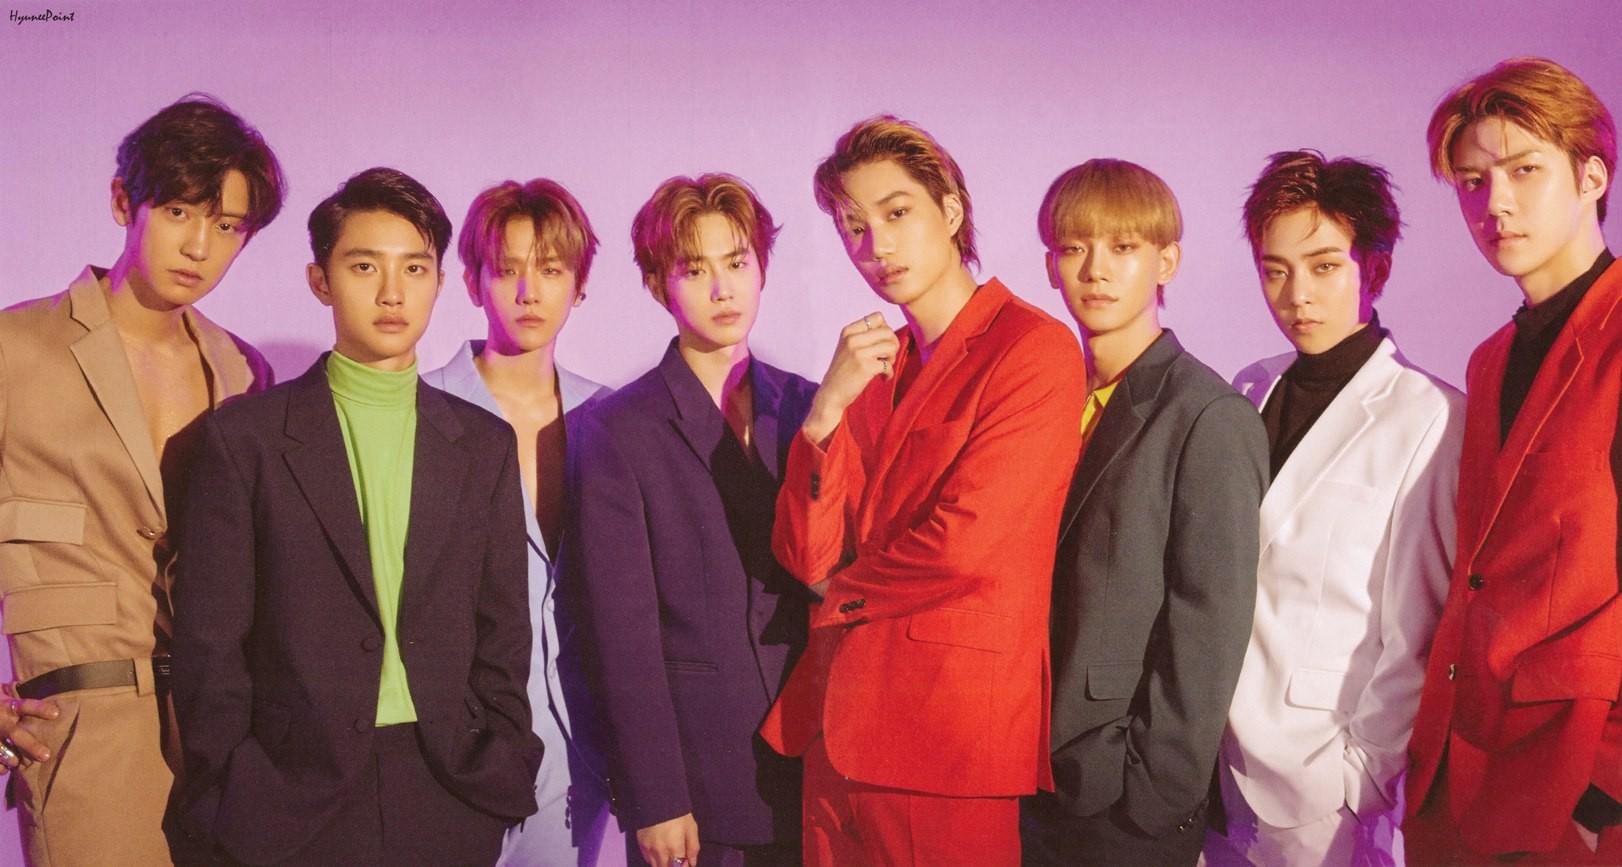 Top 10 thần tượng Kpop được dân Hàn bàn tán nhiều nhất 2018: Vị trí số 1 bất ngờ không phải là BTS, Black Pink - Ảnh 10.